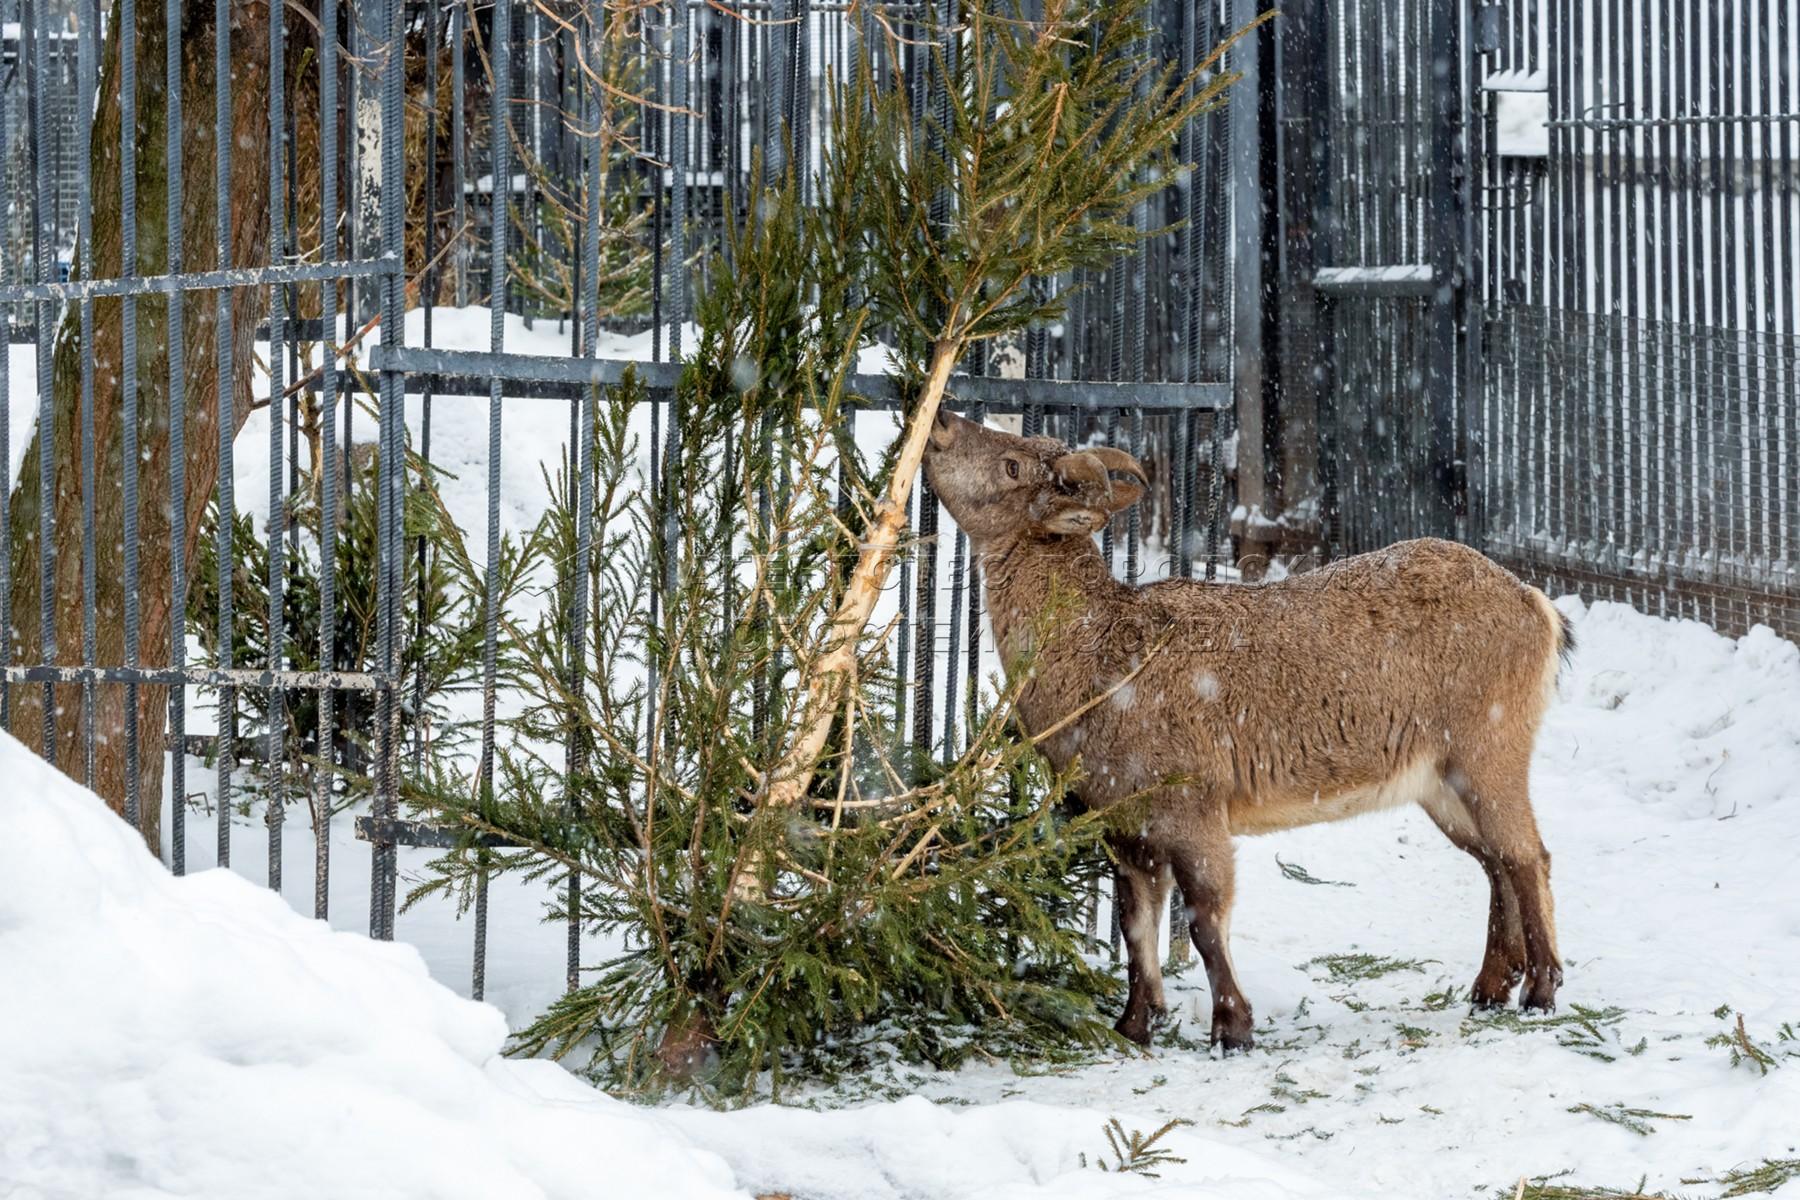 Кормление животных новогодними елками в Московском зоопарке.